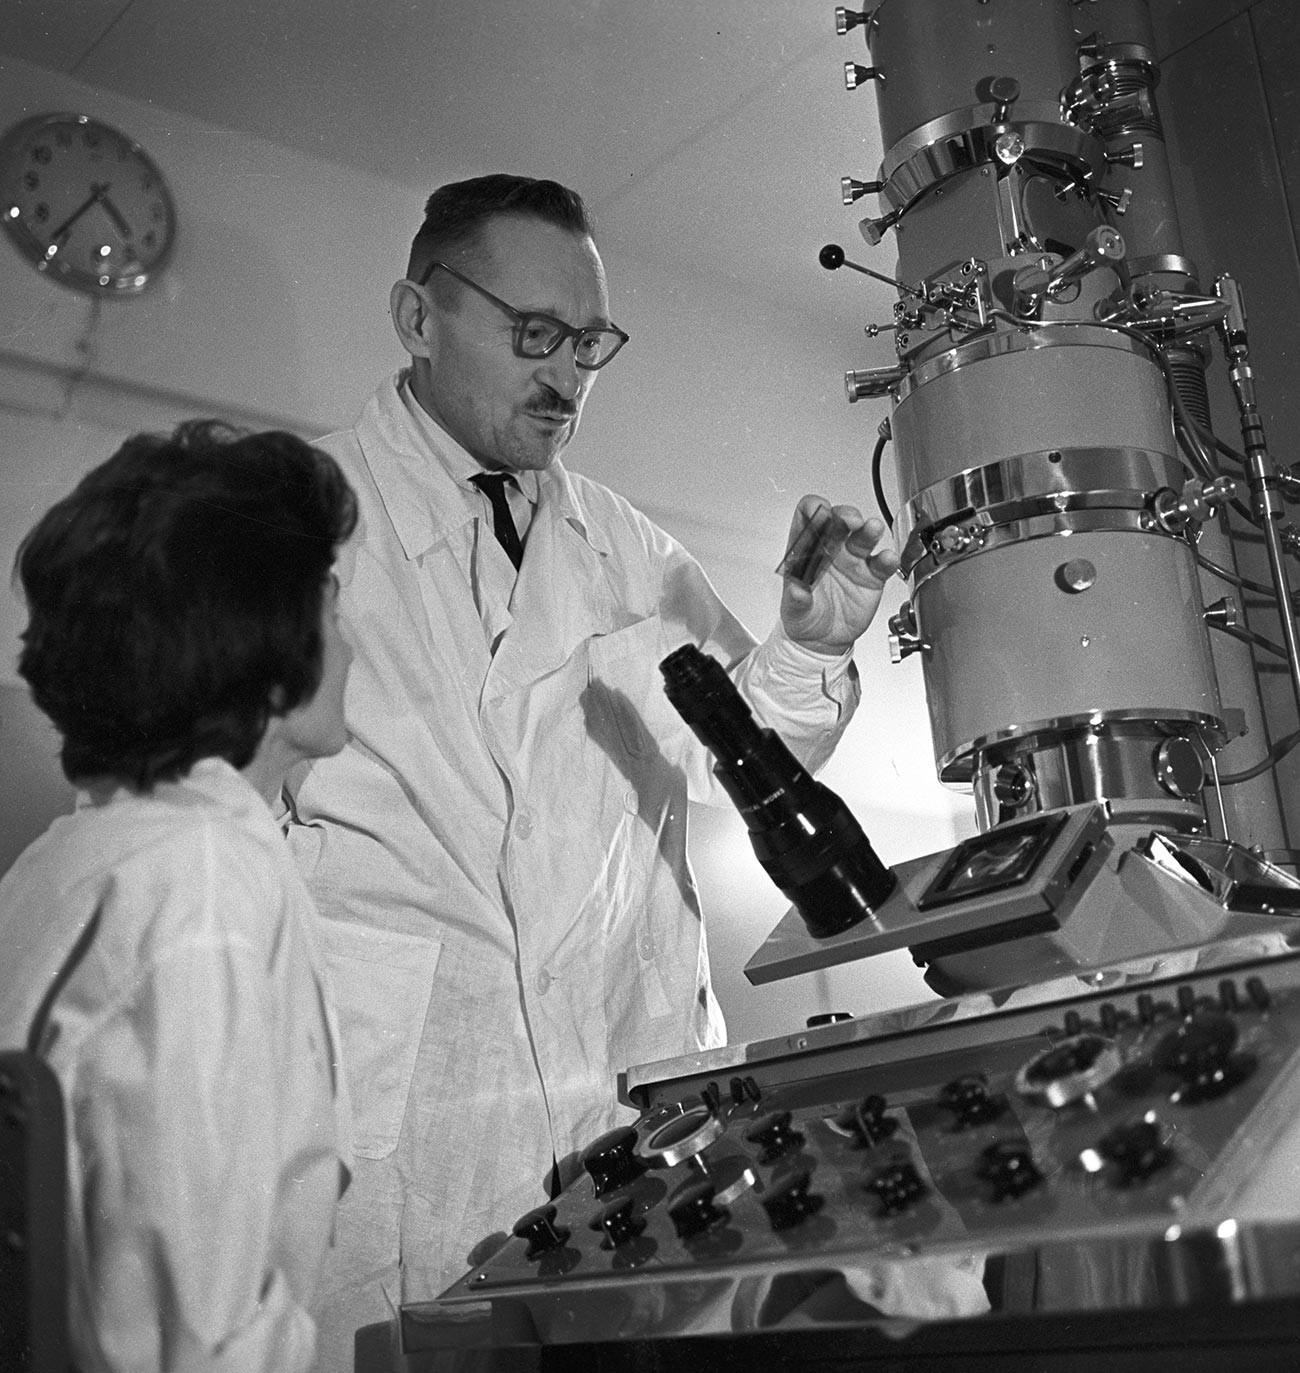 In diverse interviste, lo scienziato sovietico Viktor Zhdanov negò categoricamente che l'AIDS fosse stata creata artificialmente